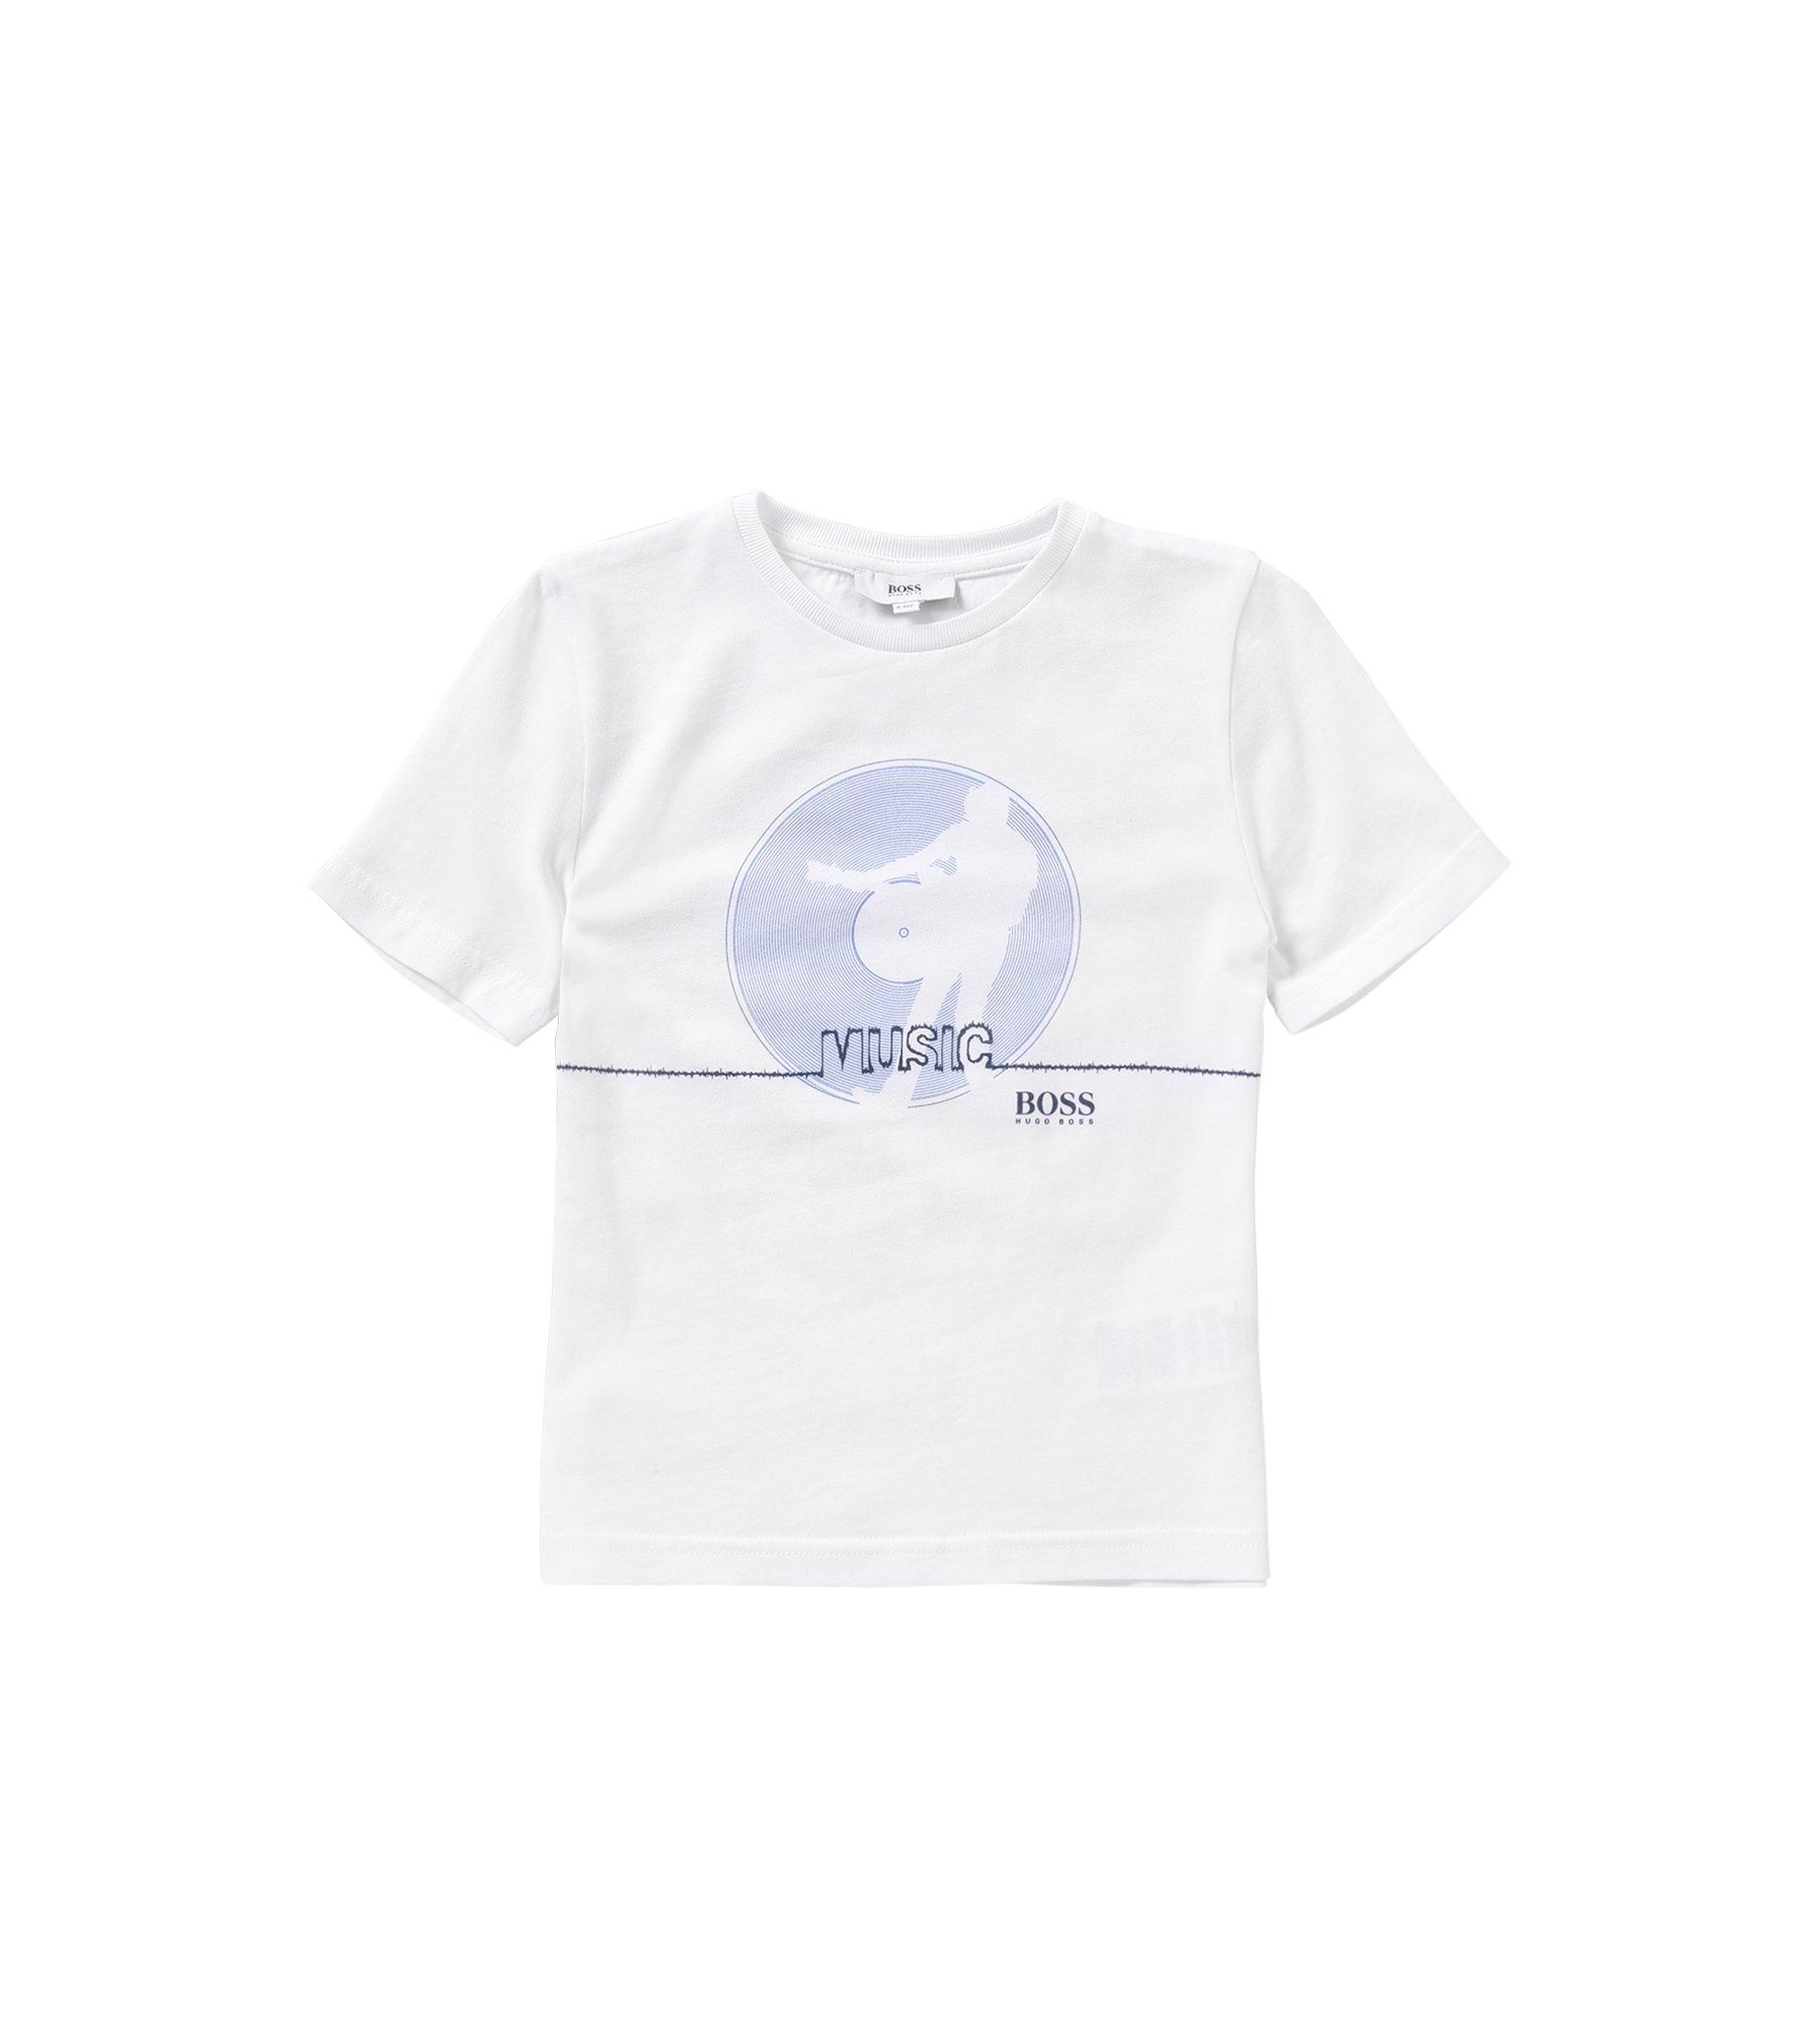 Kids-T-Shirt aus reiner Baumwolle mit Front-Print: 'J25931', Weiß